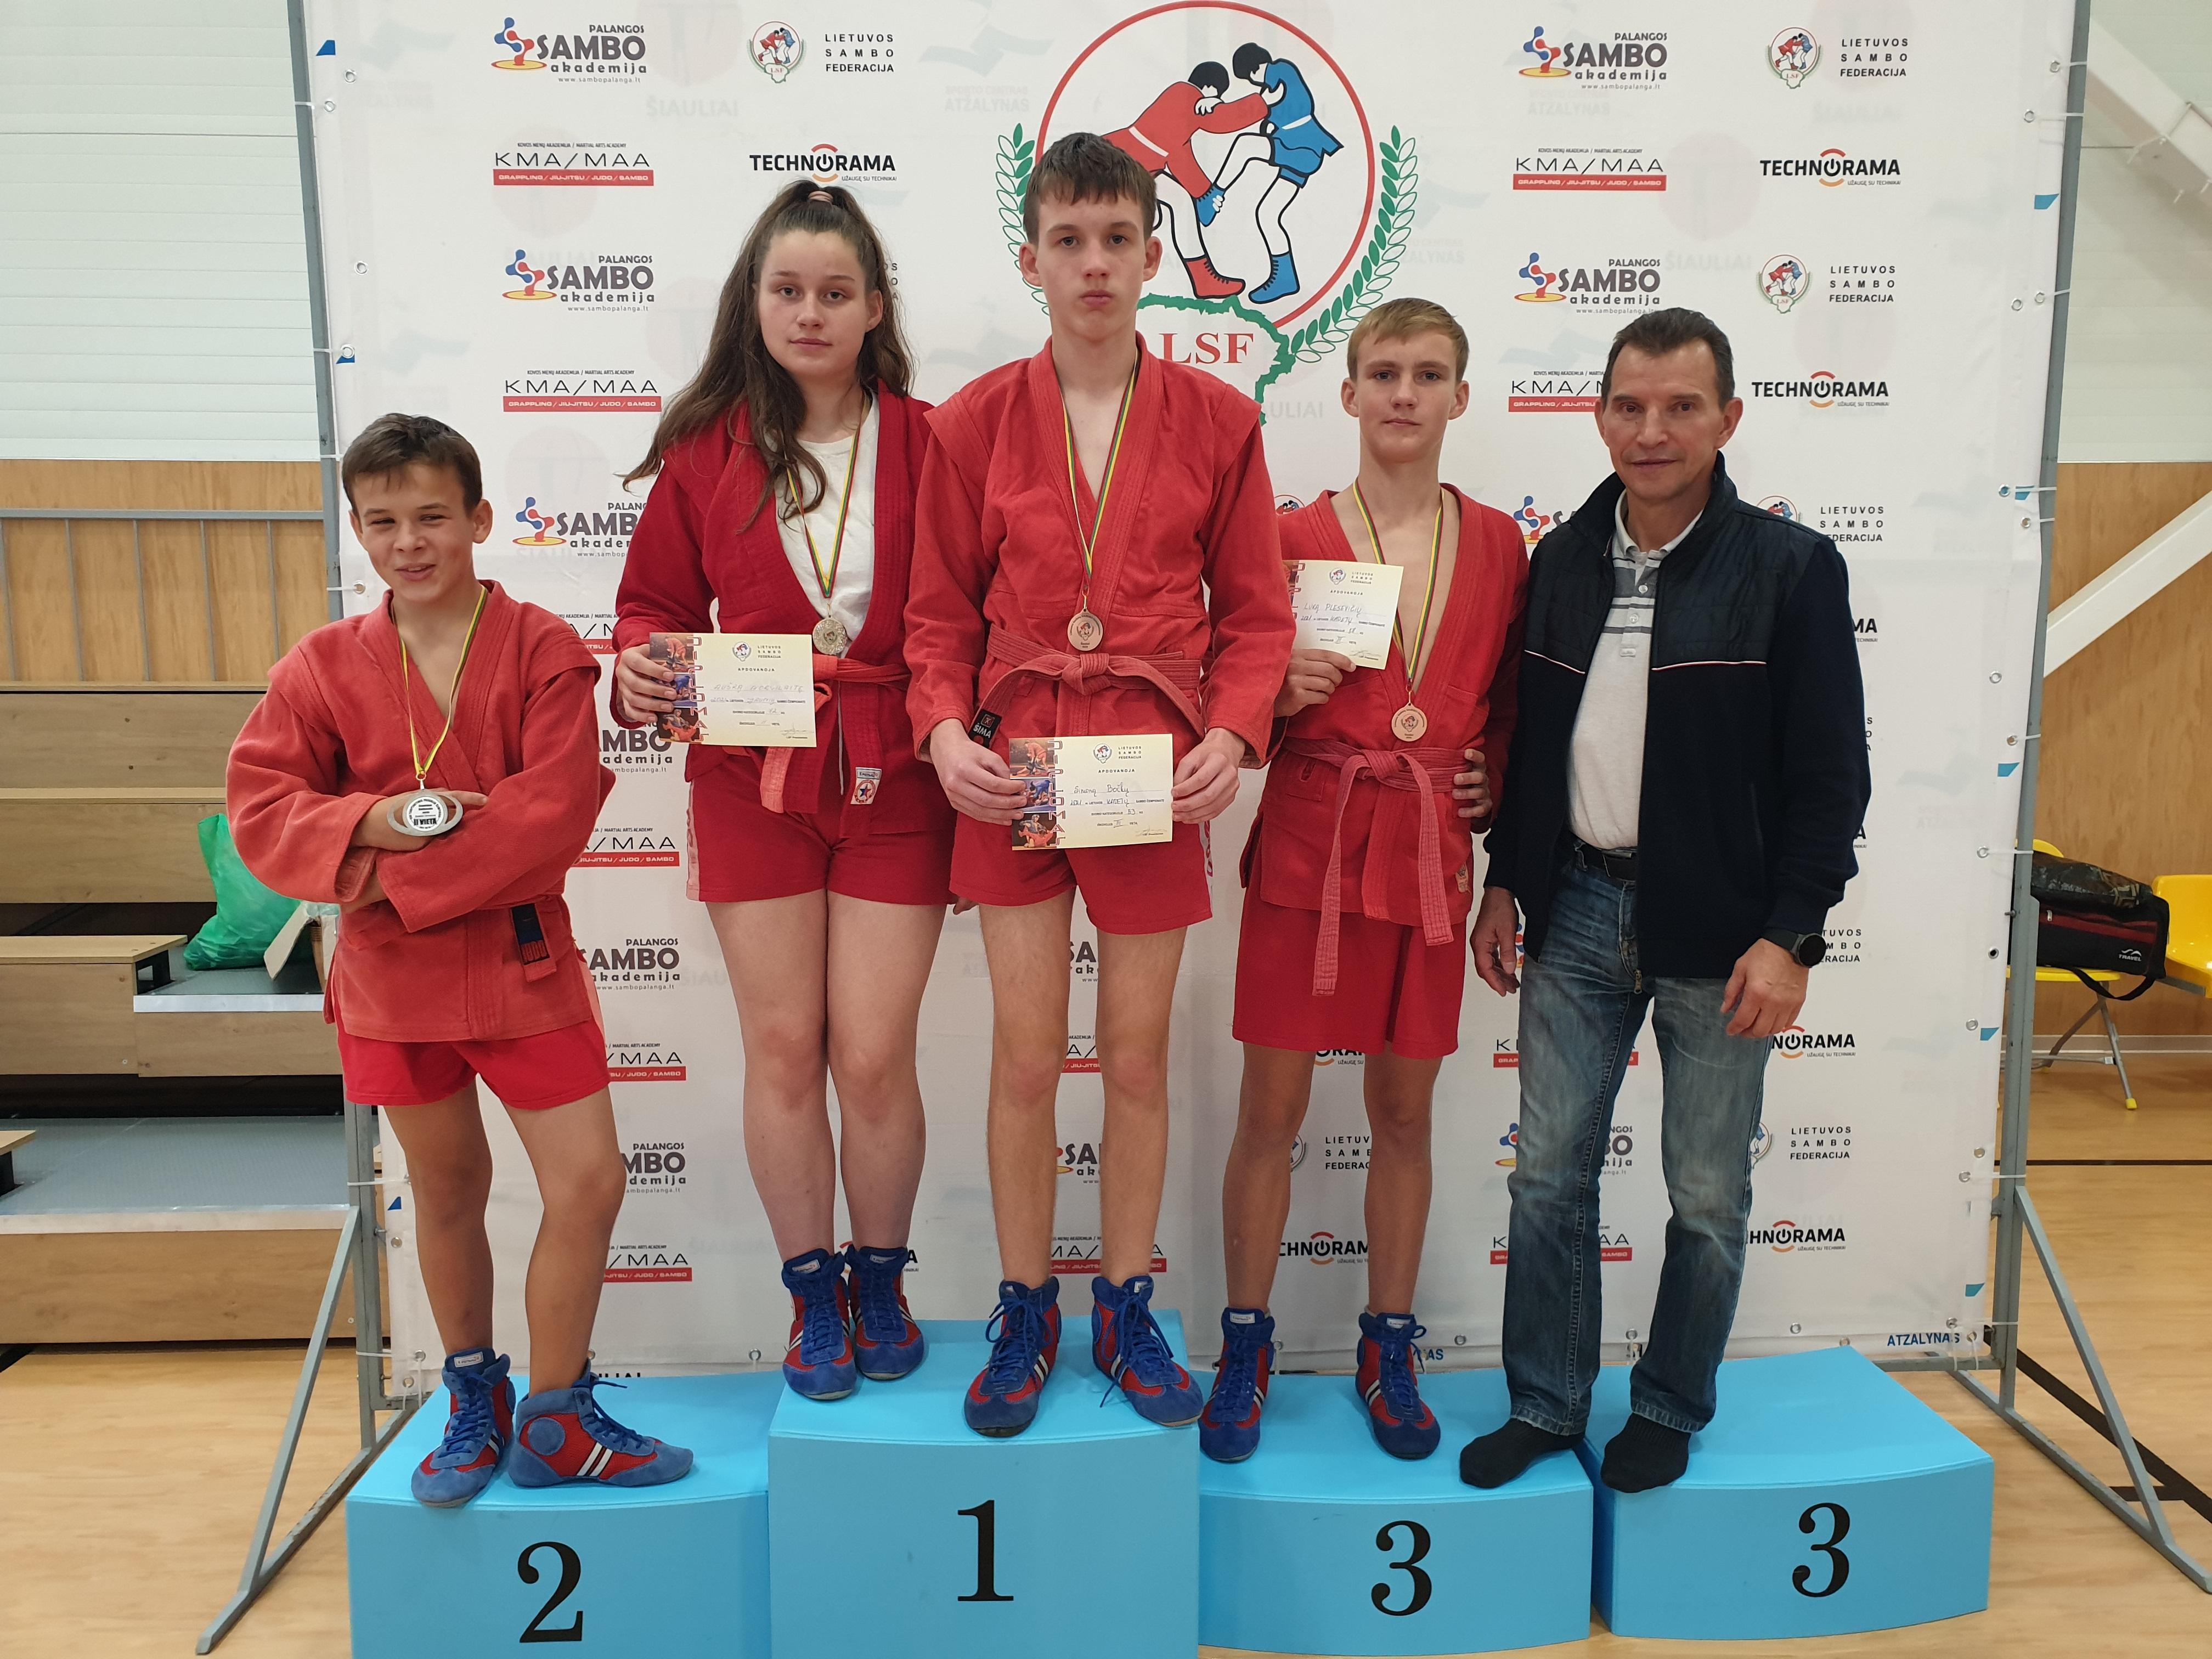 Jaunųjų sambistų medaliai